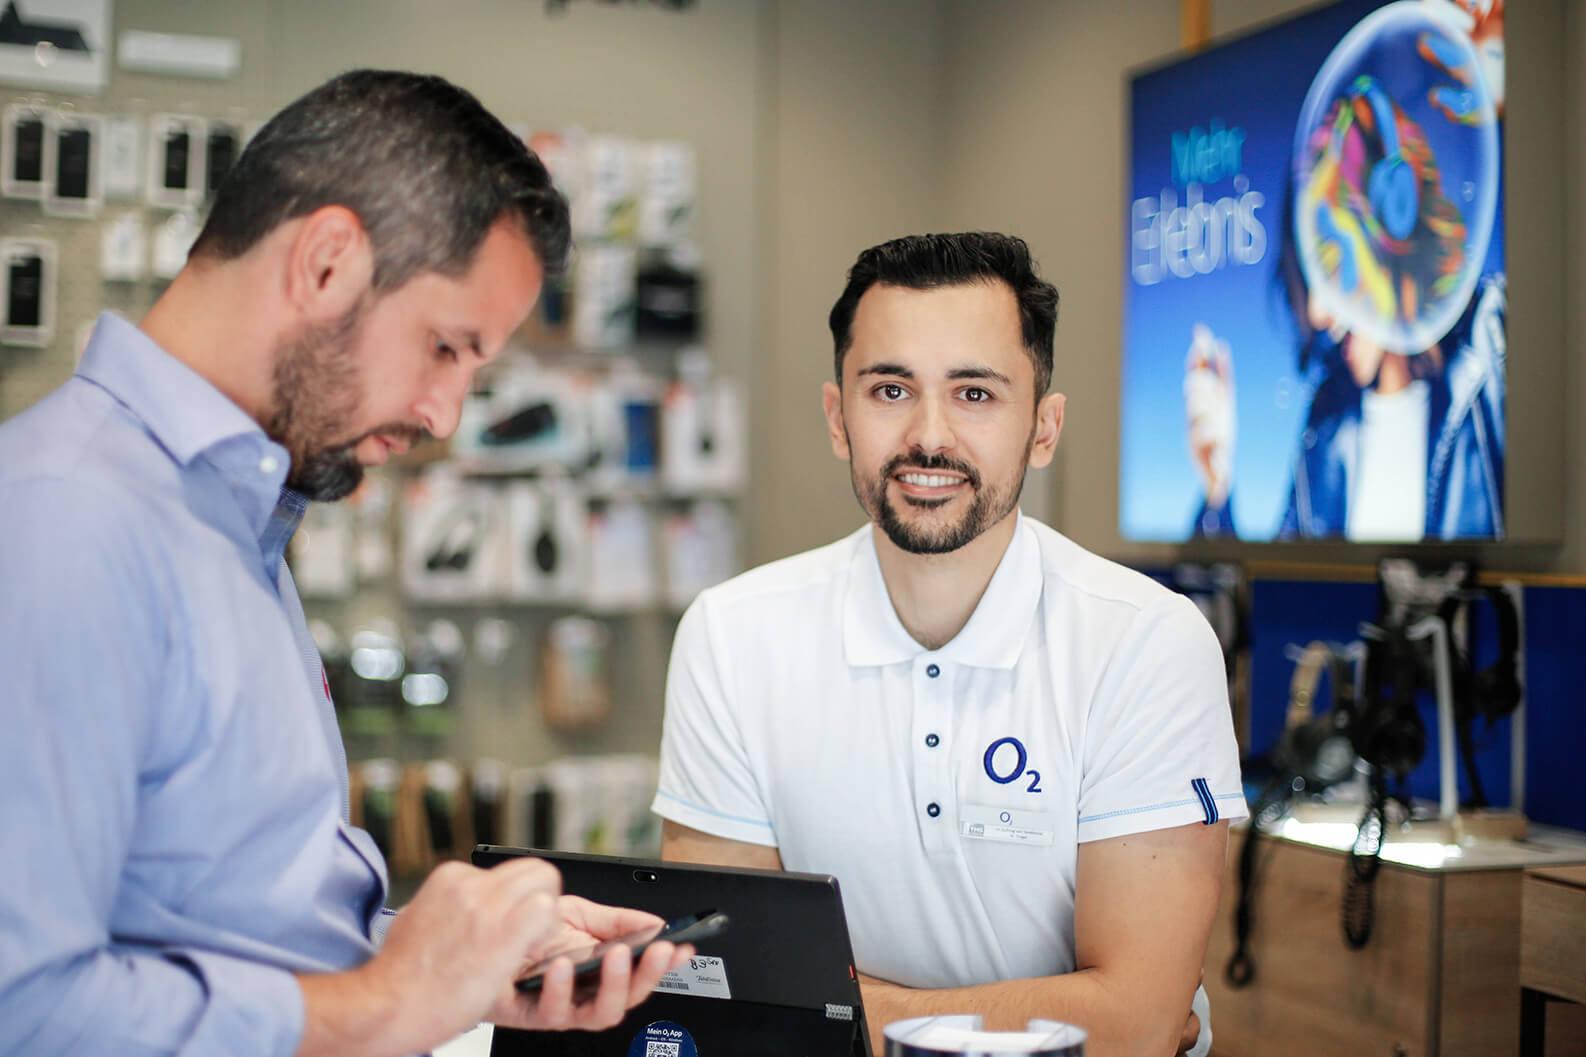 Ein Sales Promoter steht in einem Shop und lächelt